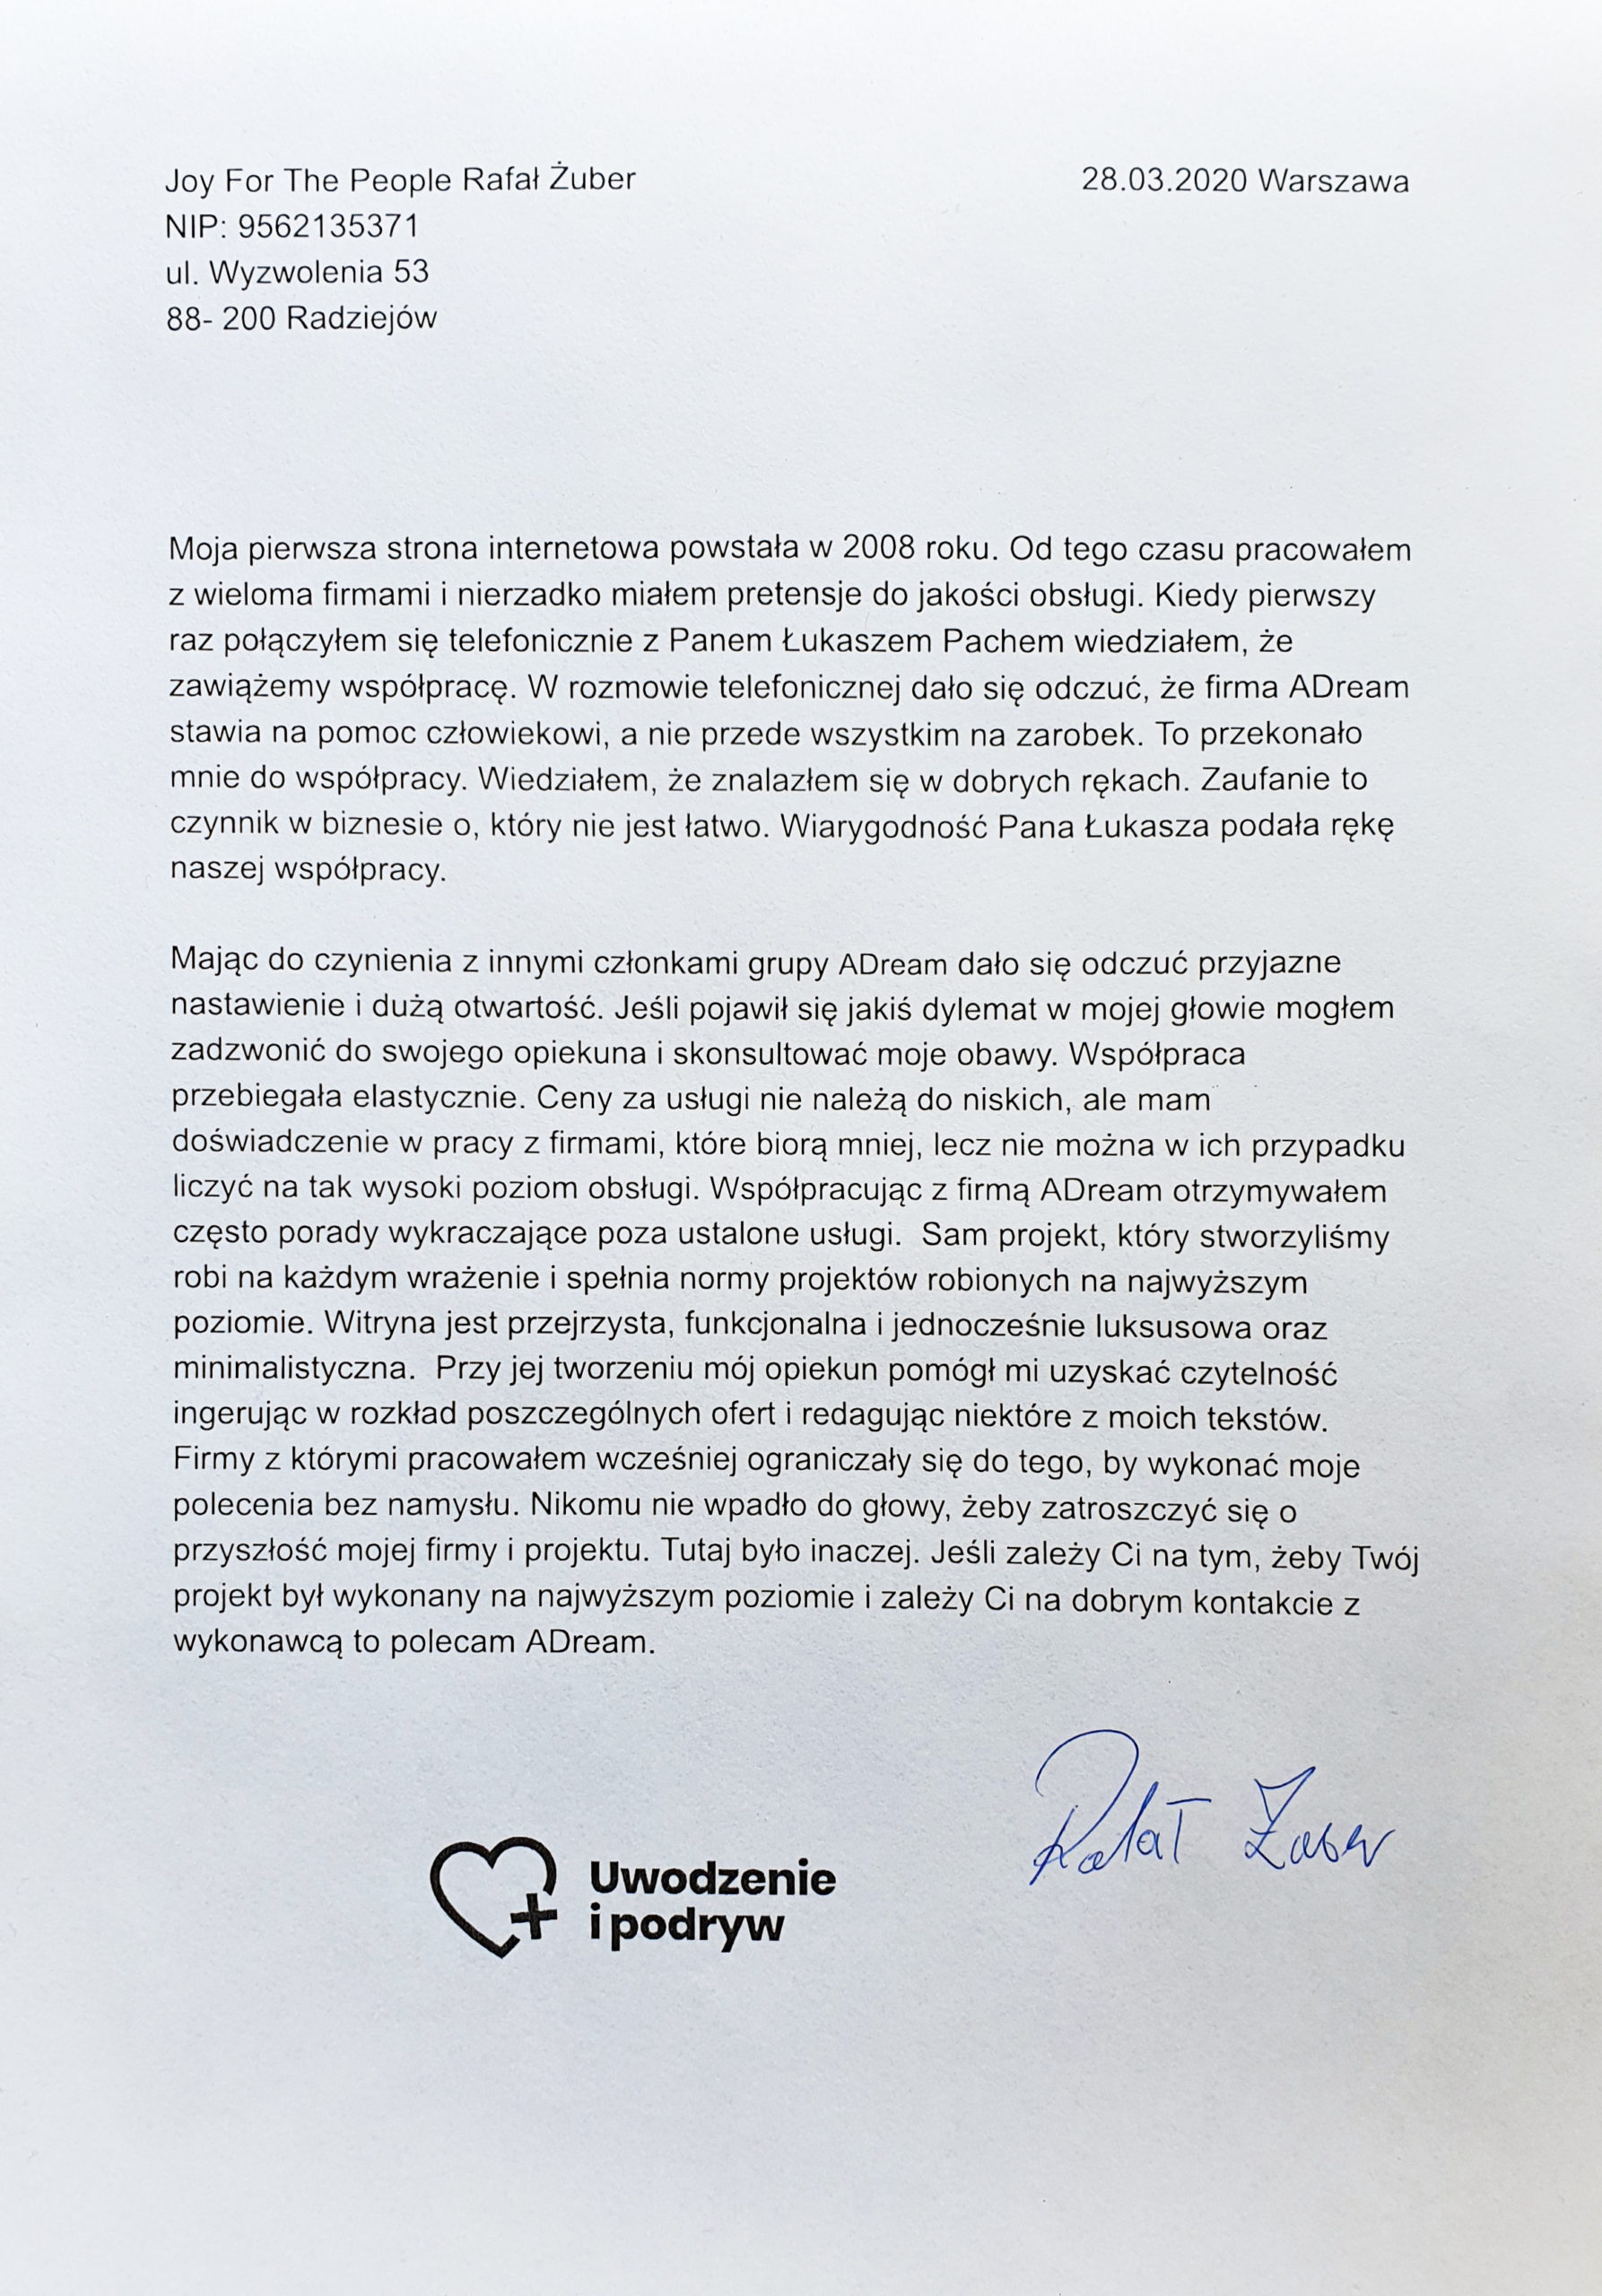 Uwodzenie i podryw Rafał Żuber